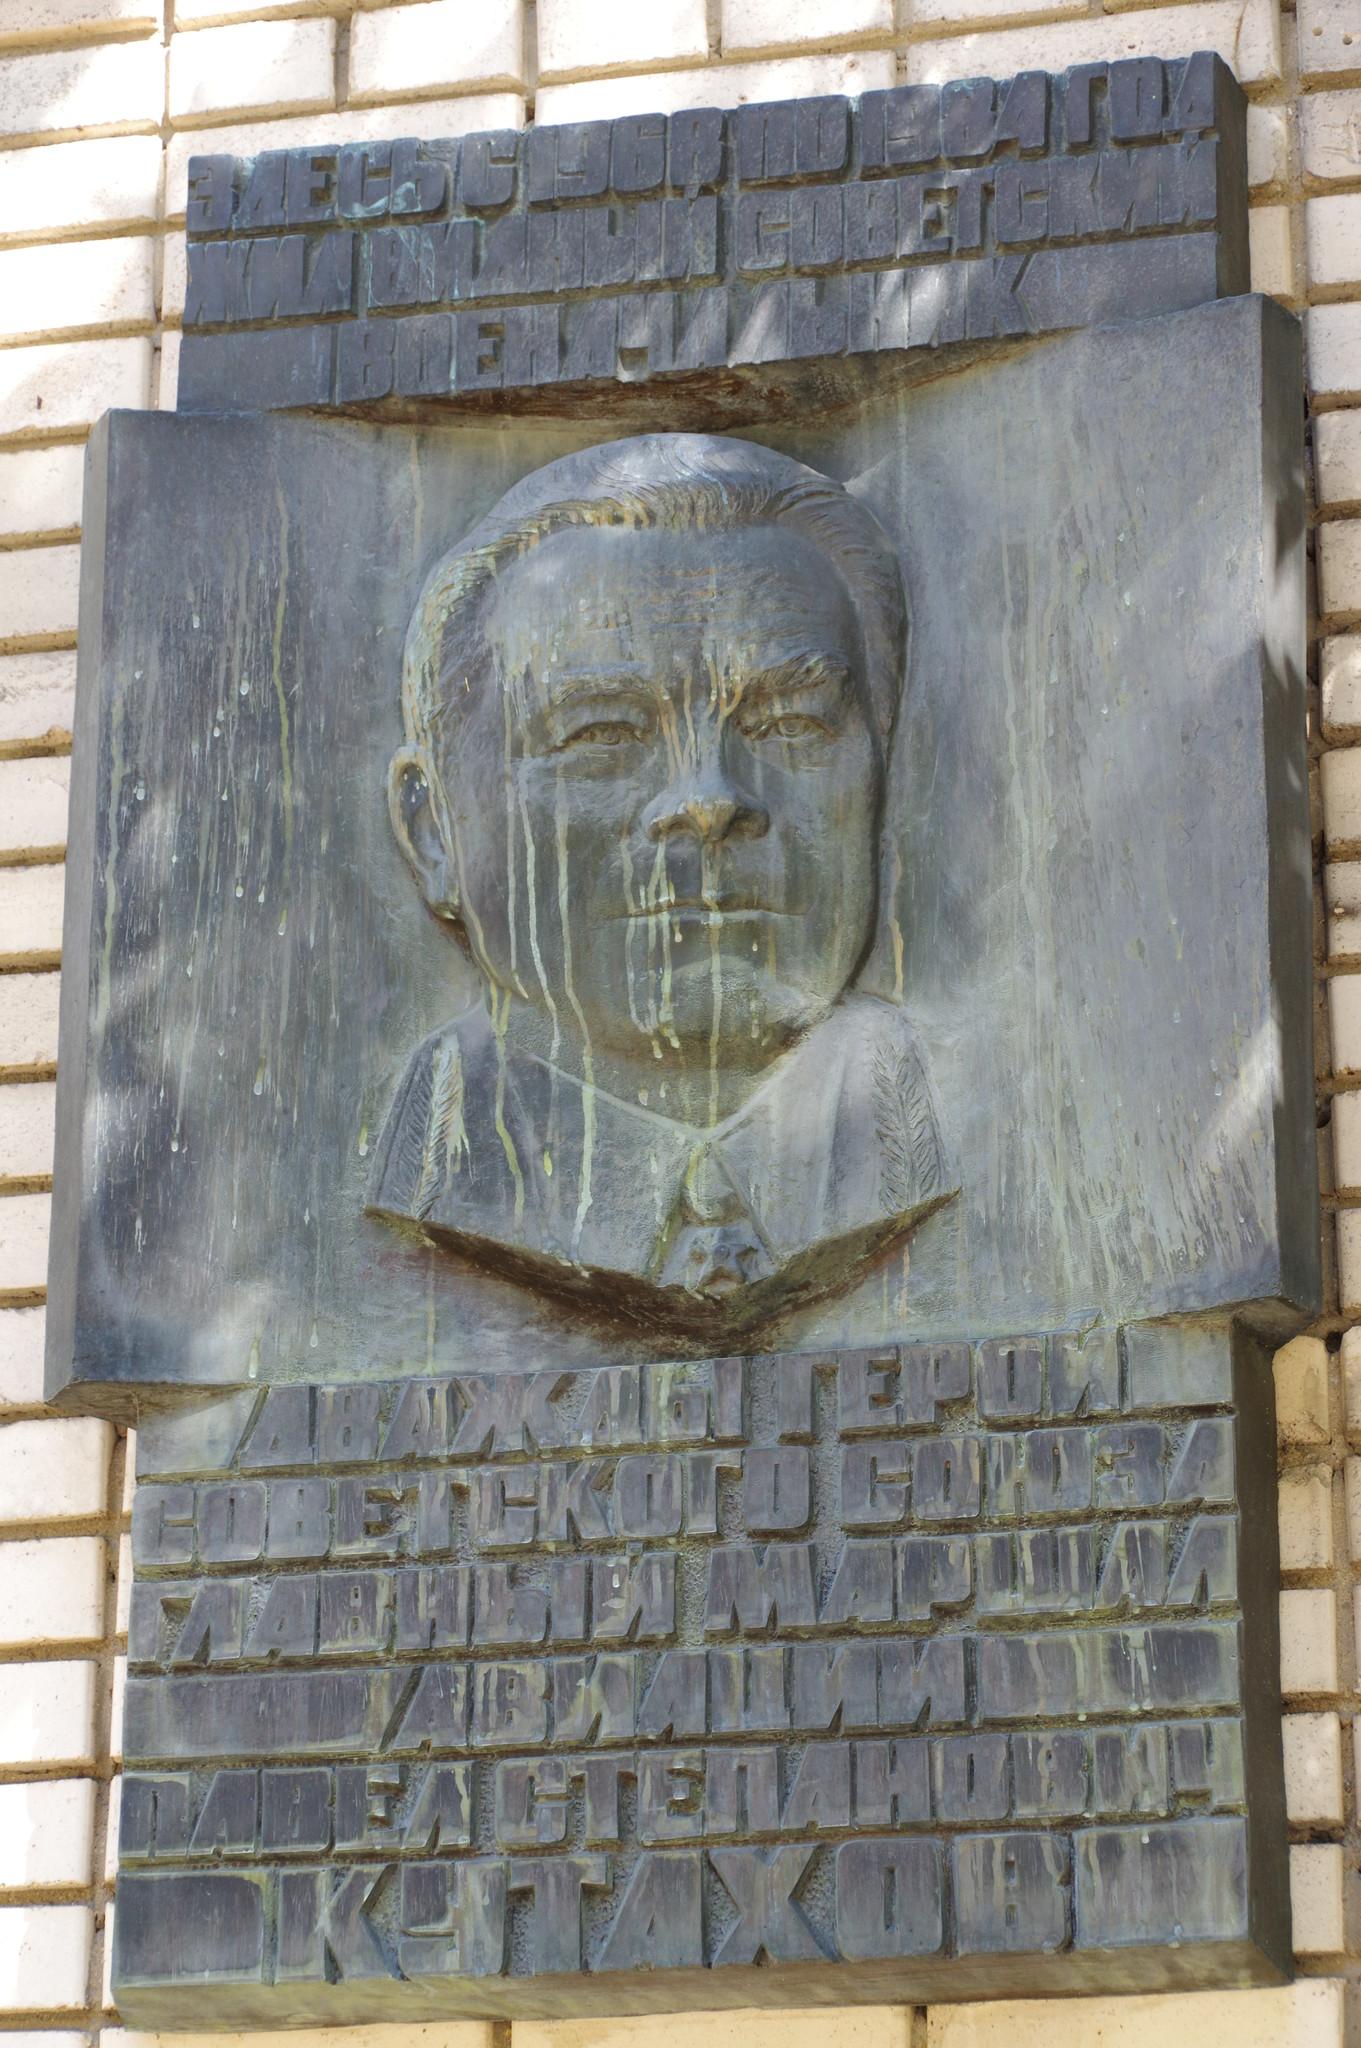 Мемориальная доска в Москве на доме, где он жил Павел Степанович Кутахов (улица Спиридоновка, дом 18)